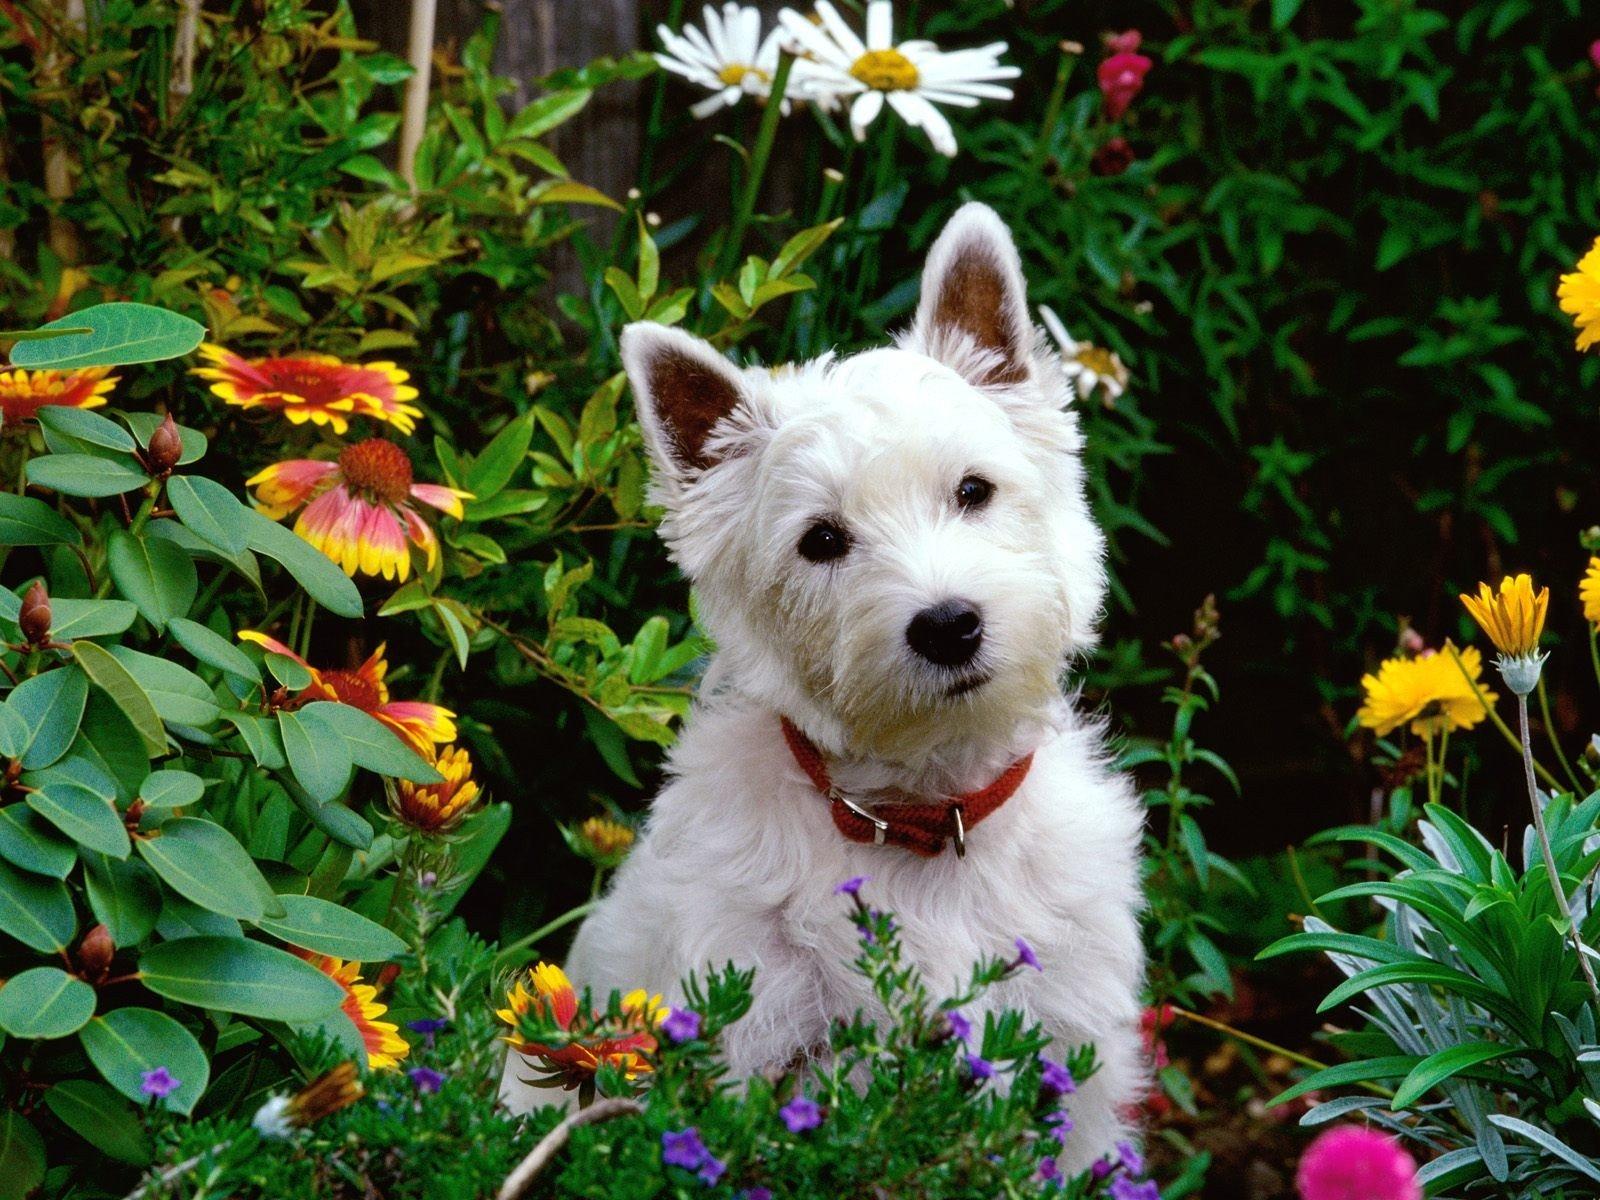 Dogilike.com :: จัดอันดับ 5 ต้นไม้สวยเป็นมิตรกับน้องหมา น่าปลูกไว้ในสวน!